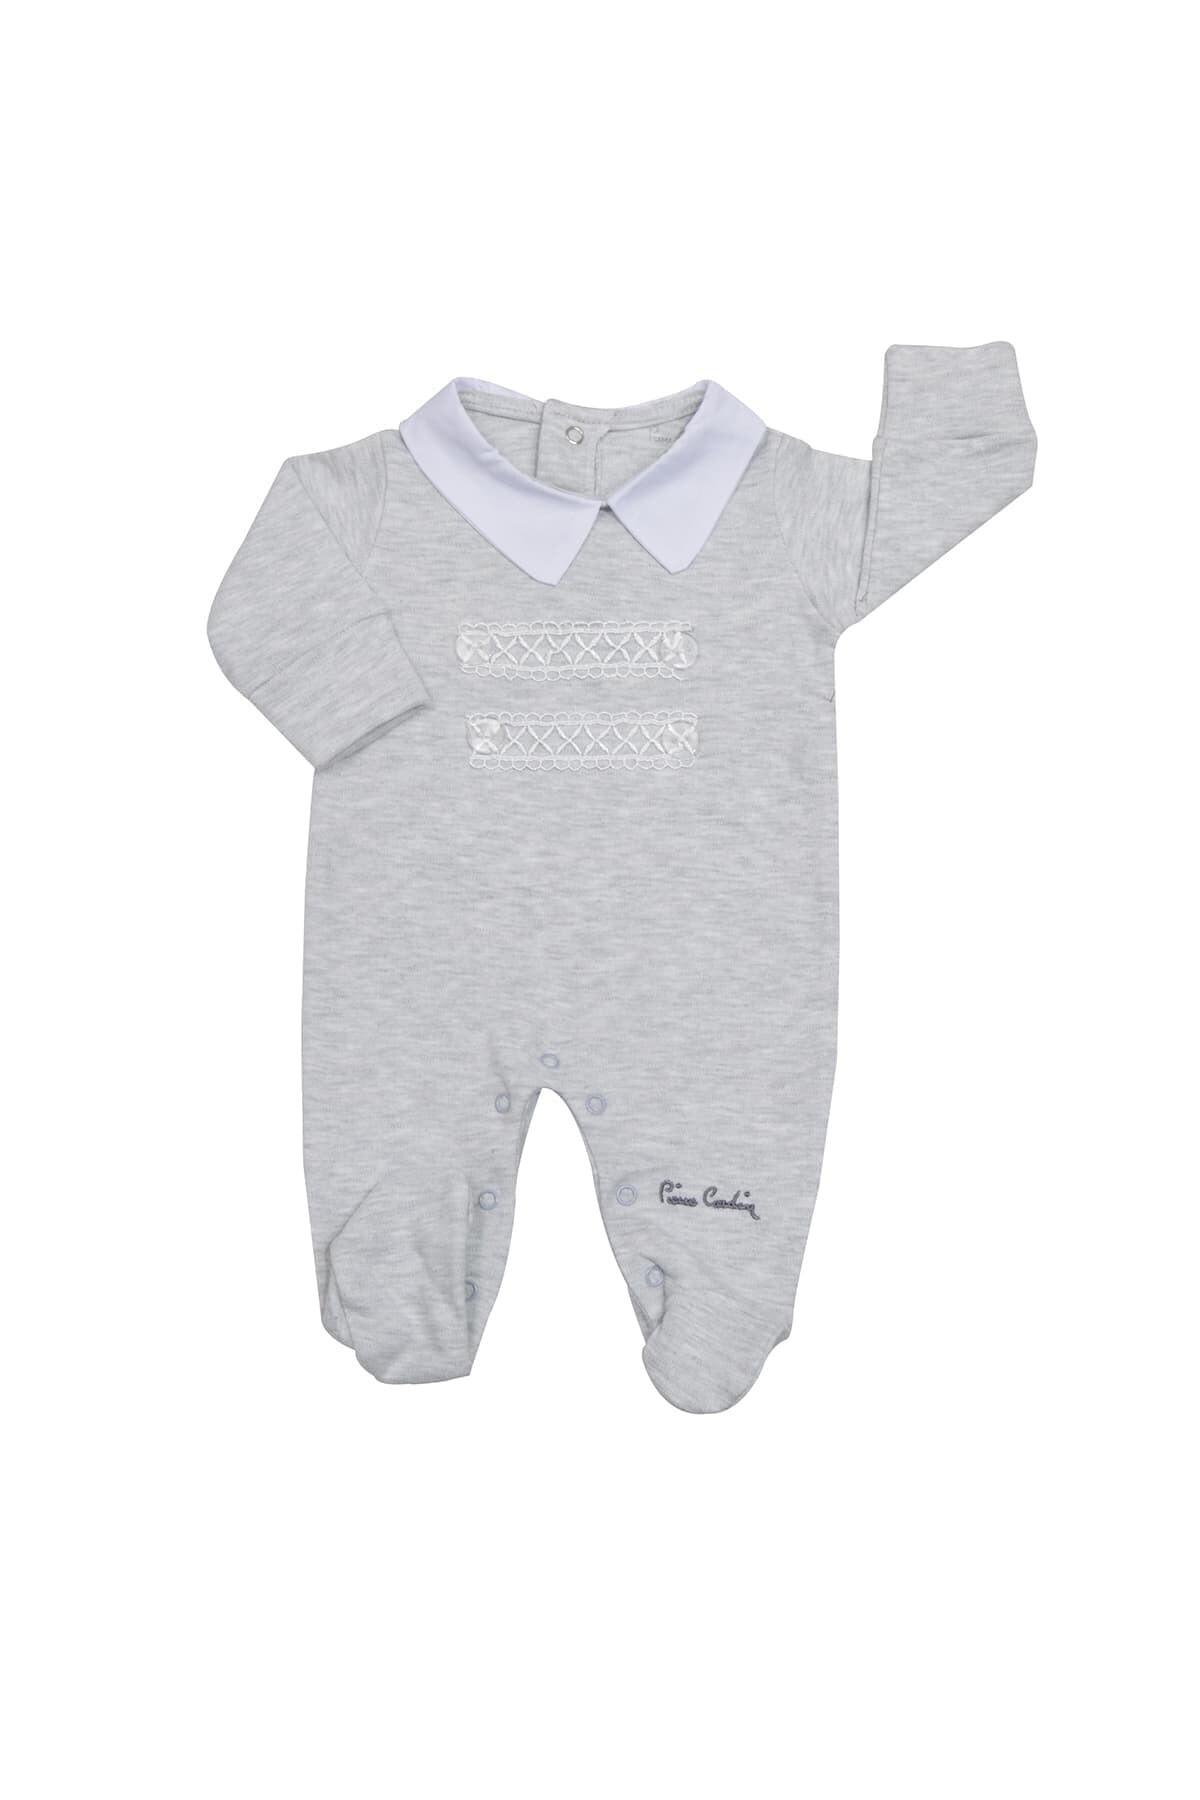 خرید انلاین سرهمی نوزاد پسرانه خاص برند Pierre Cardin Baby رنگ نقره ای کد ty52638641